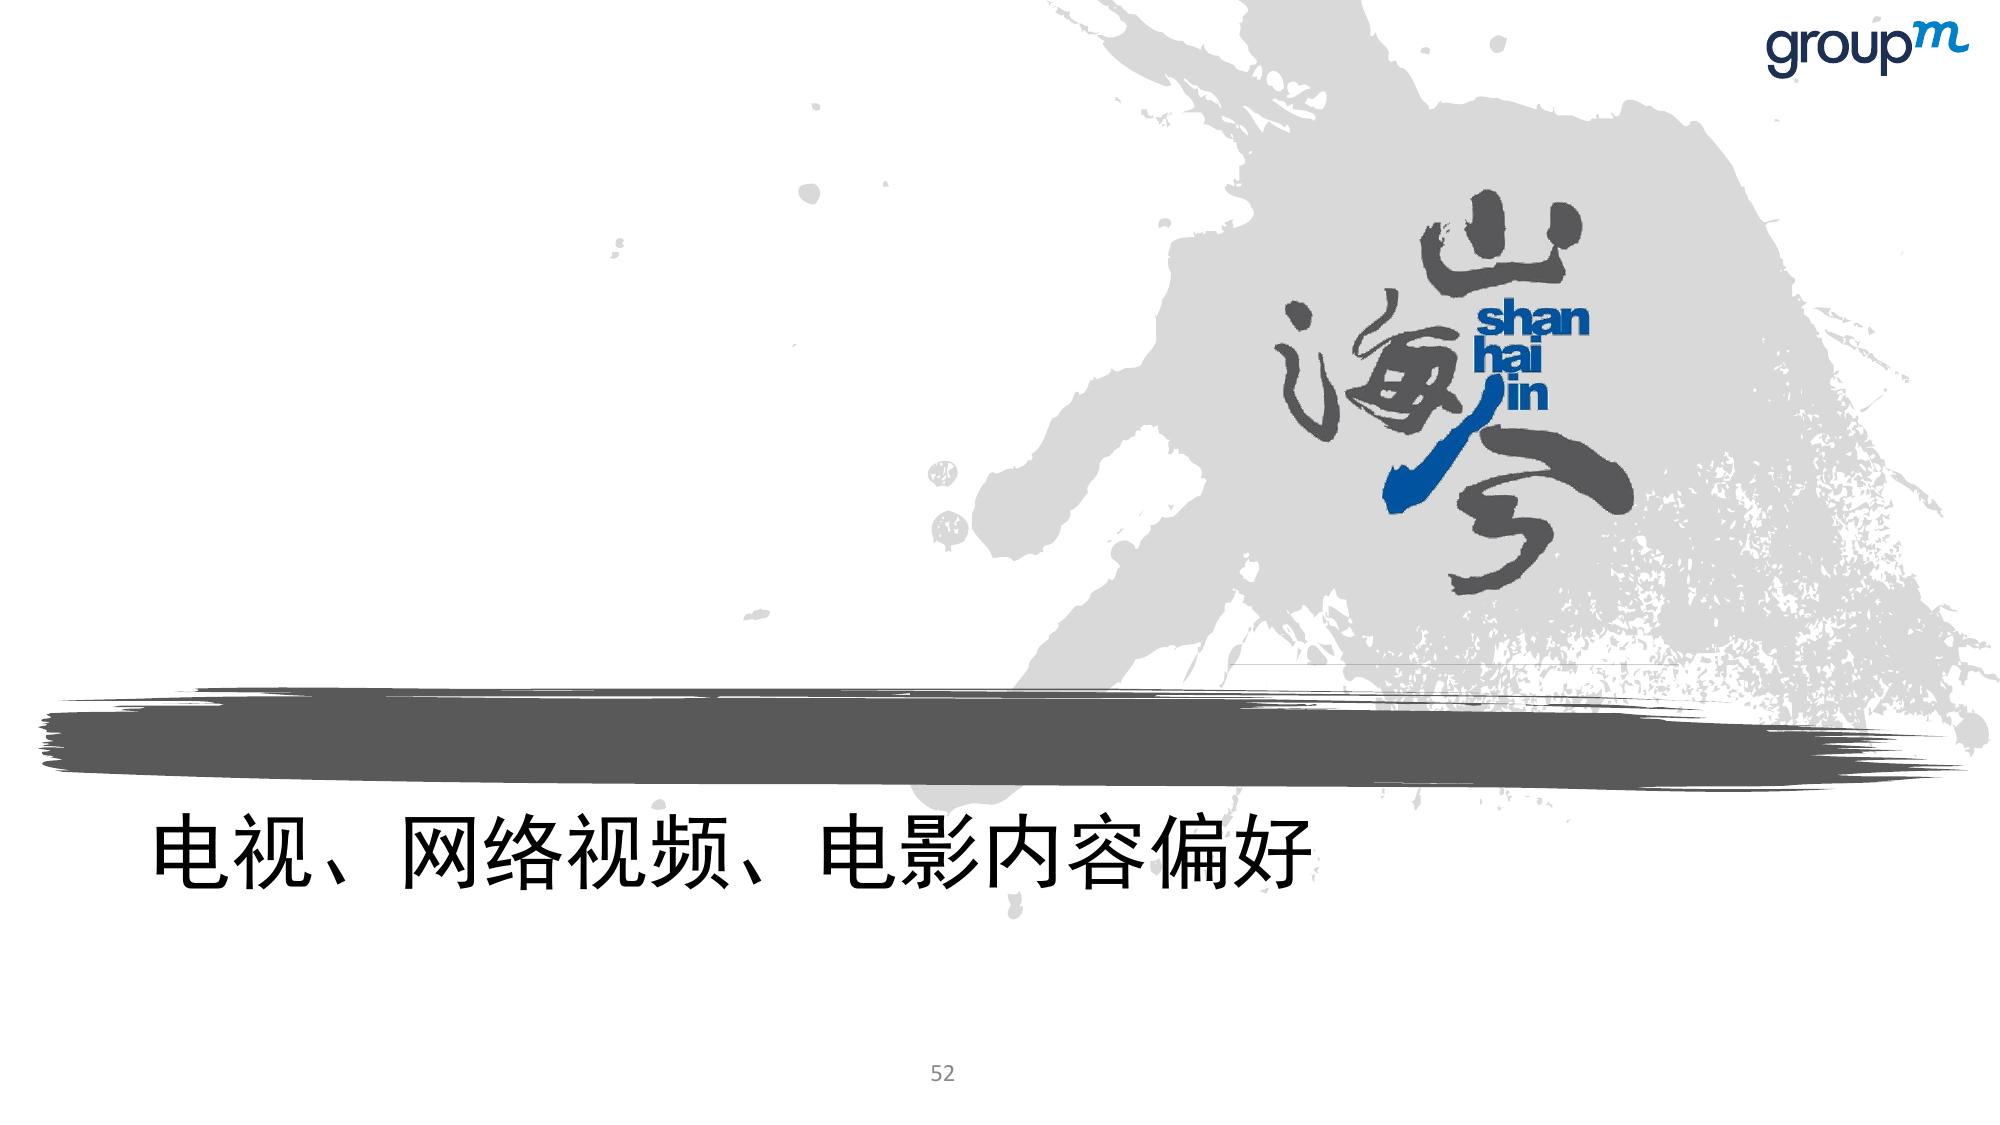 山海今2015中国媒介趋势报告_000052